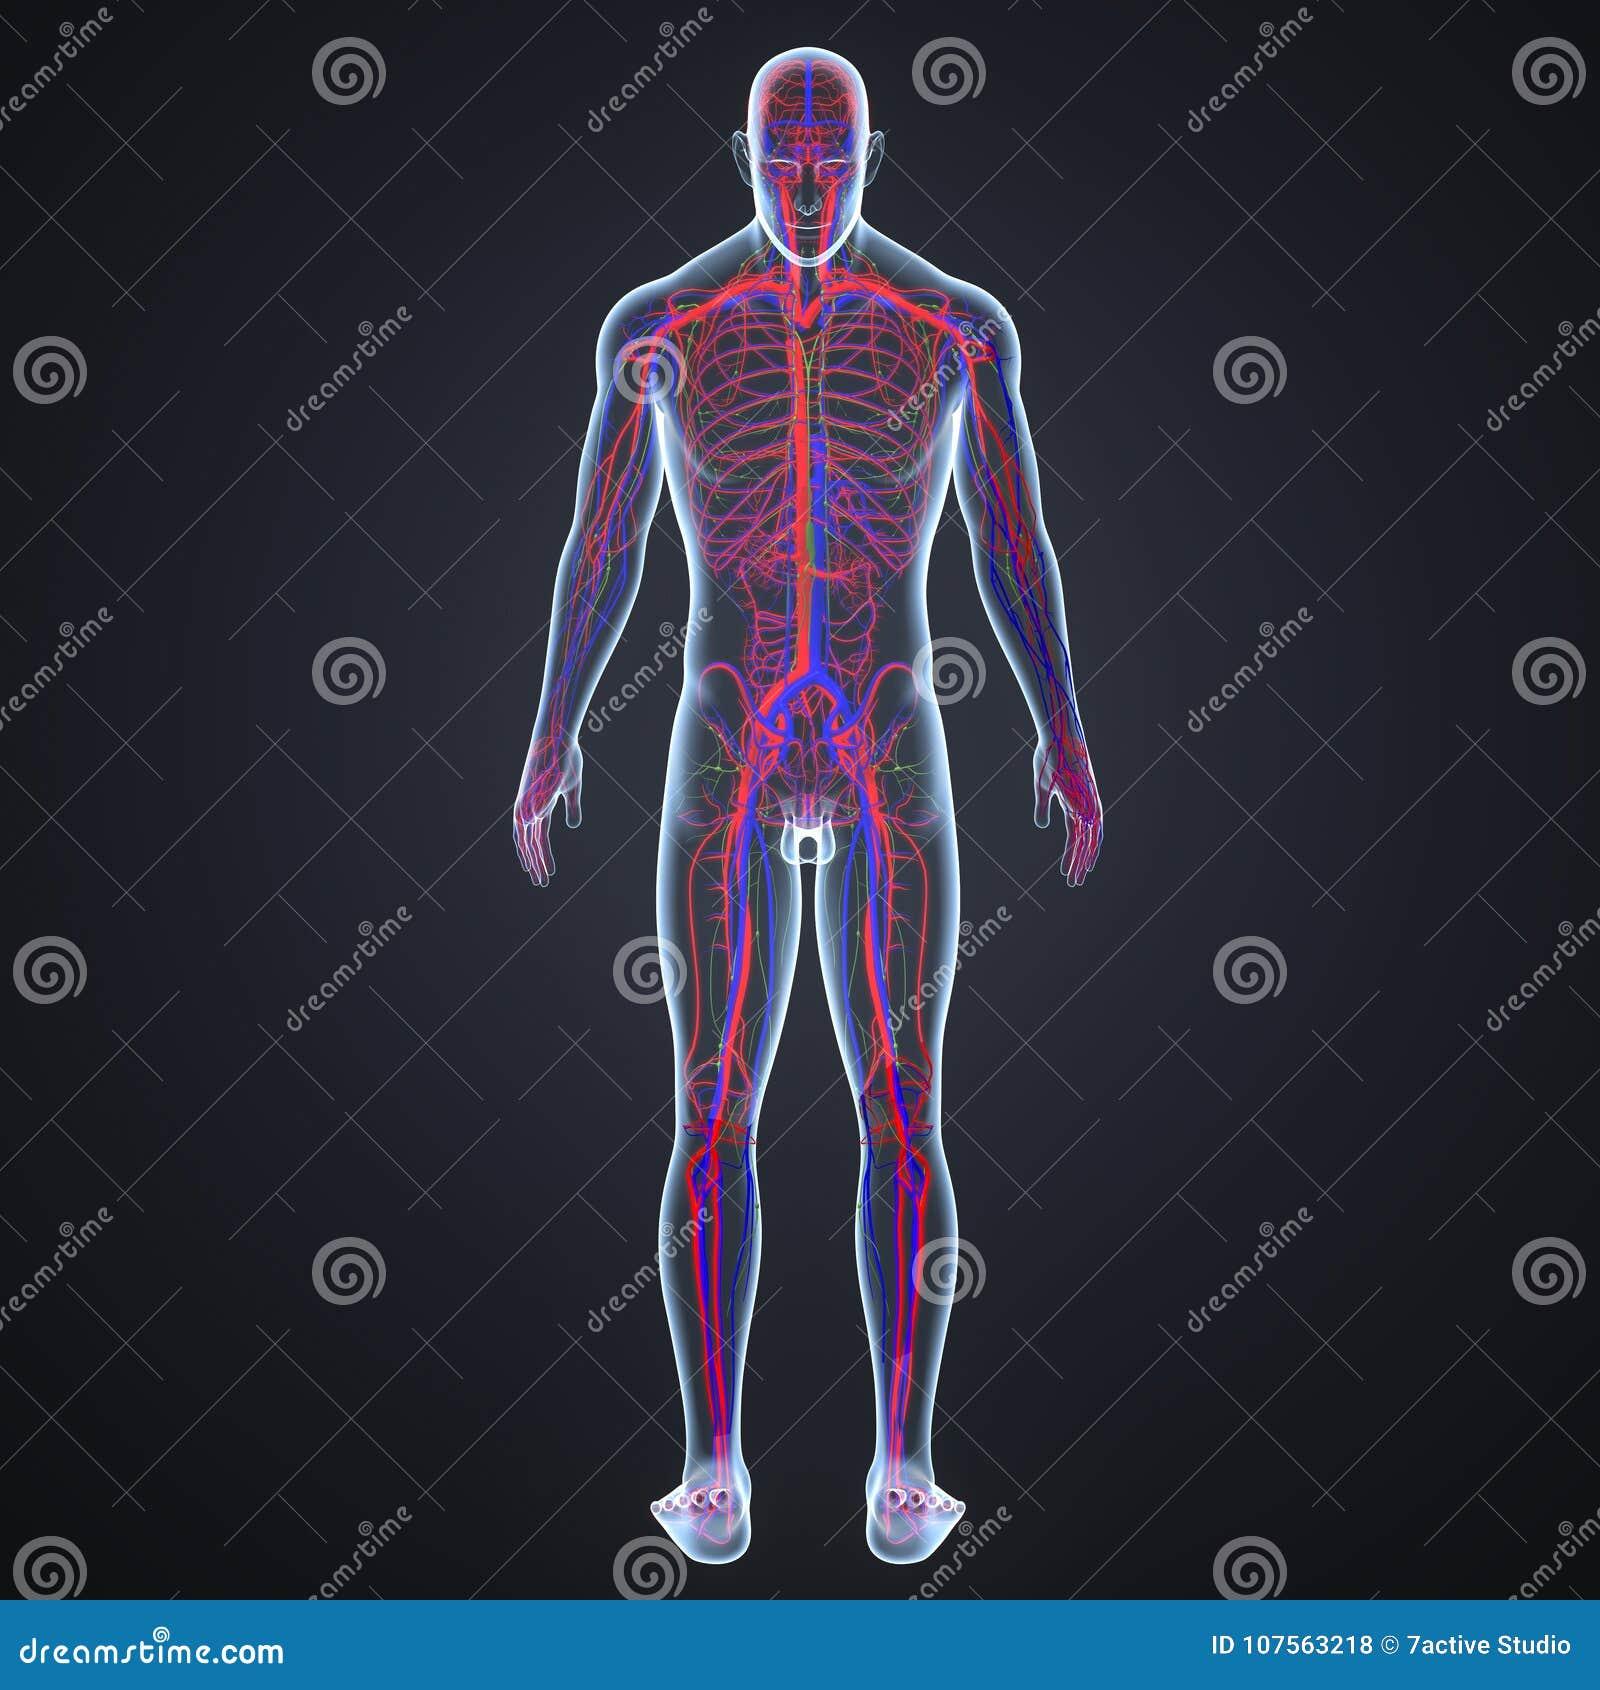 Slagaders, Aders en lymfeknopen met Menselijk Lichaams Latere mening